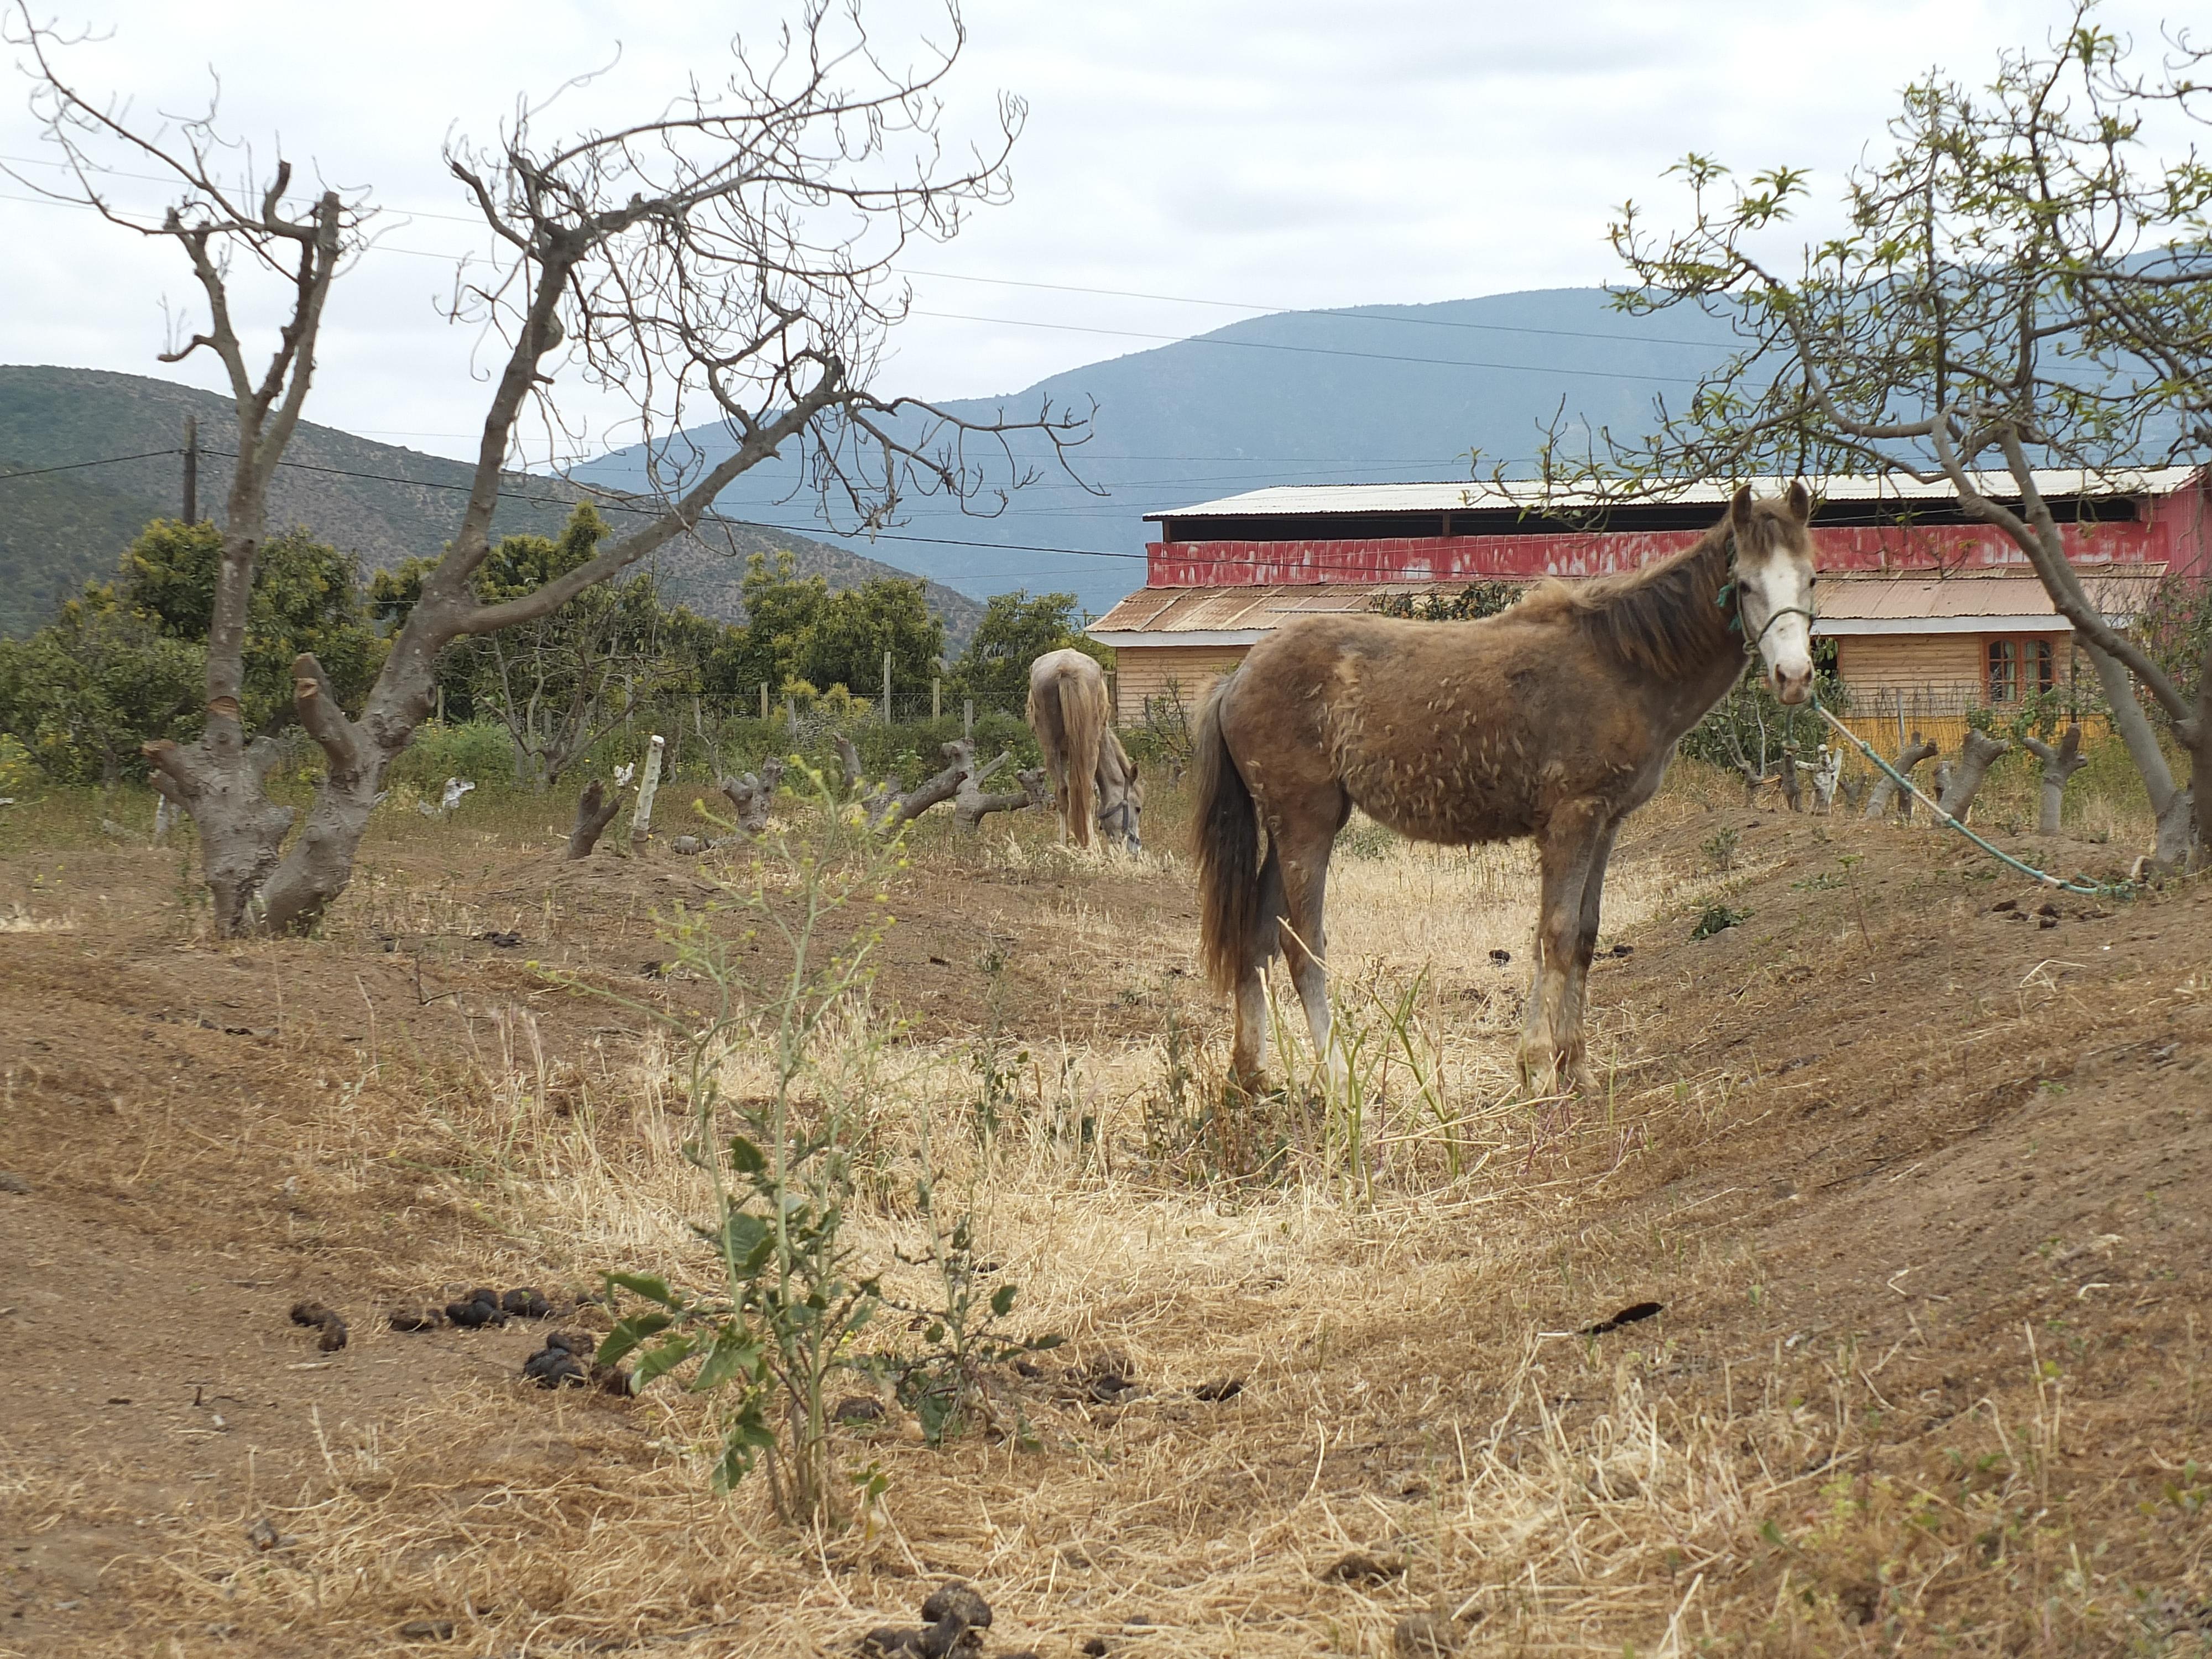 Realizarán censo agrícola-ganadero en Petorca por crisis hídrica